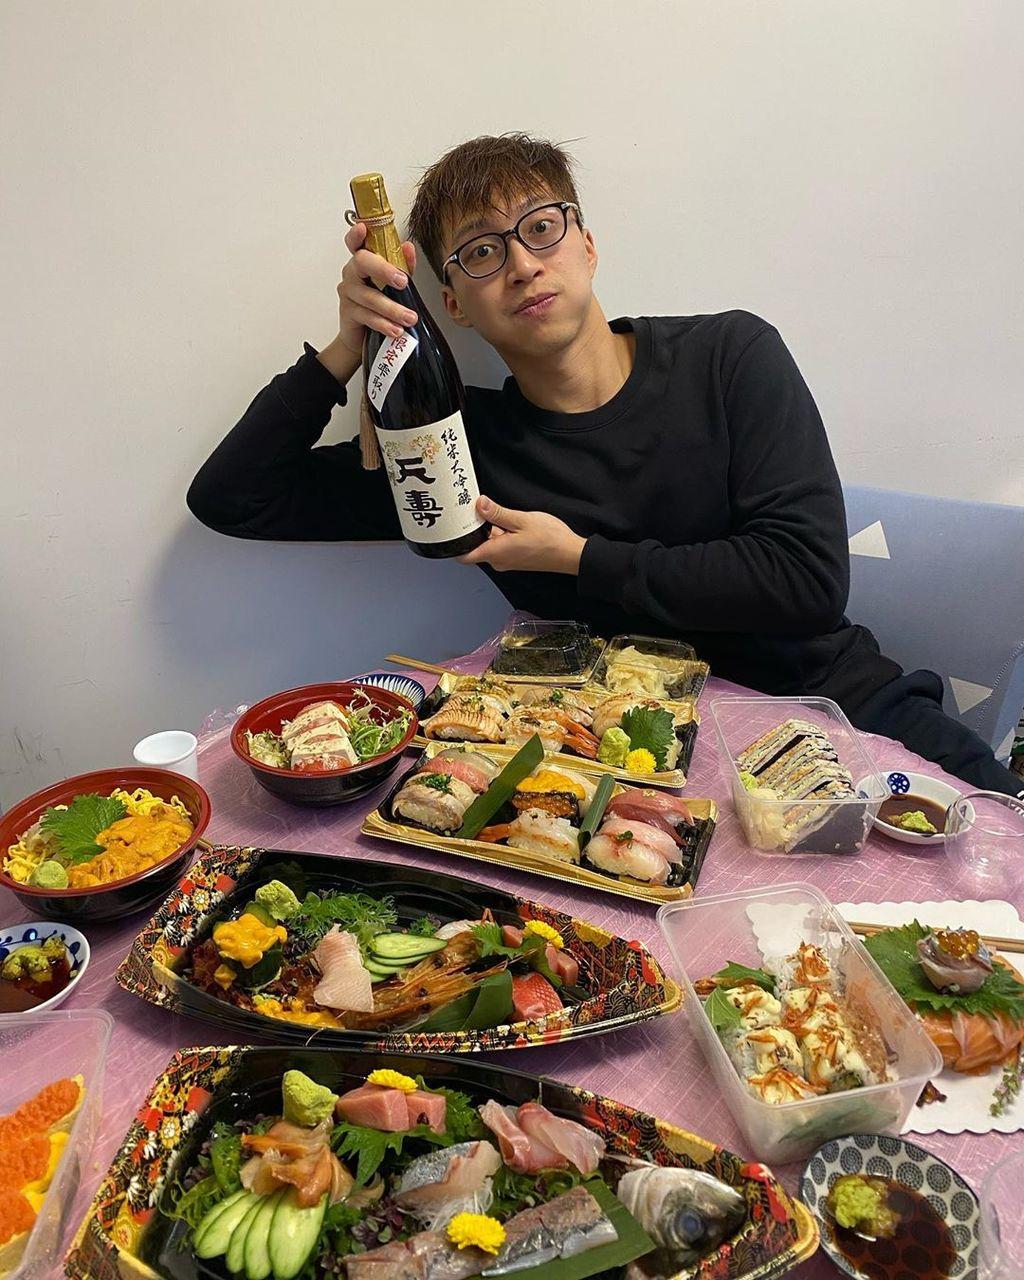 【30歲農曆生日】聽媽咪話儲錢娶老婆 吳業坤:最近識咗啲日本女仔